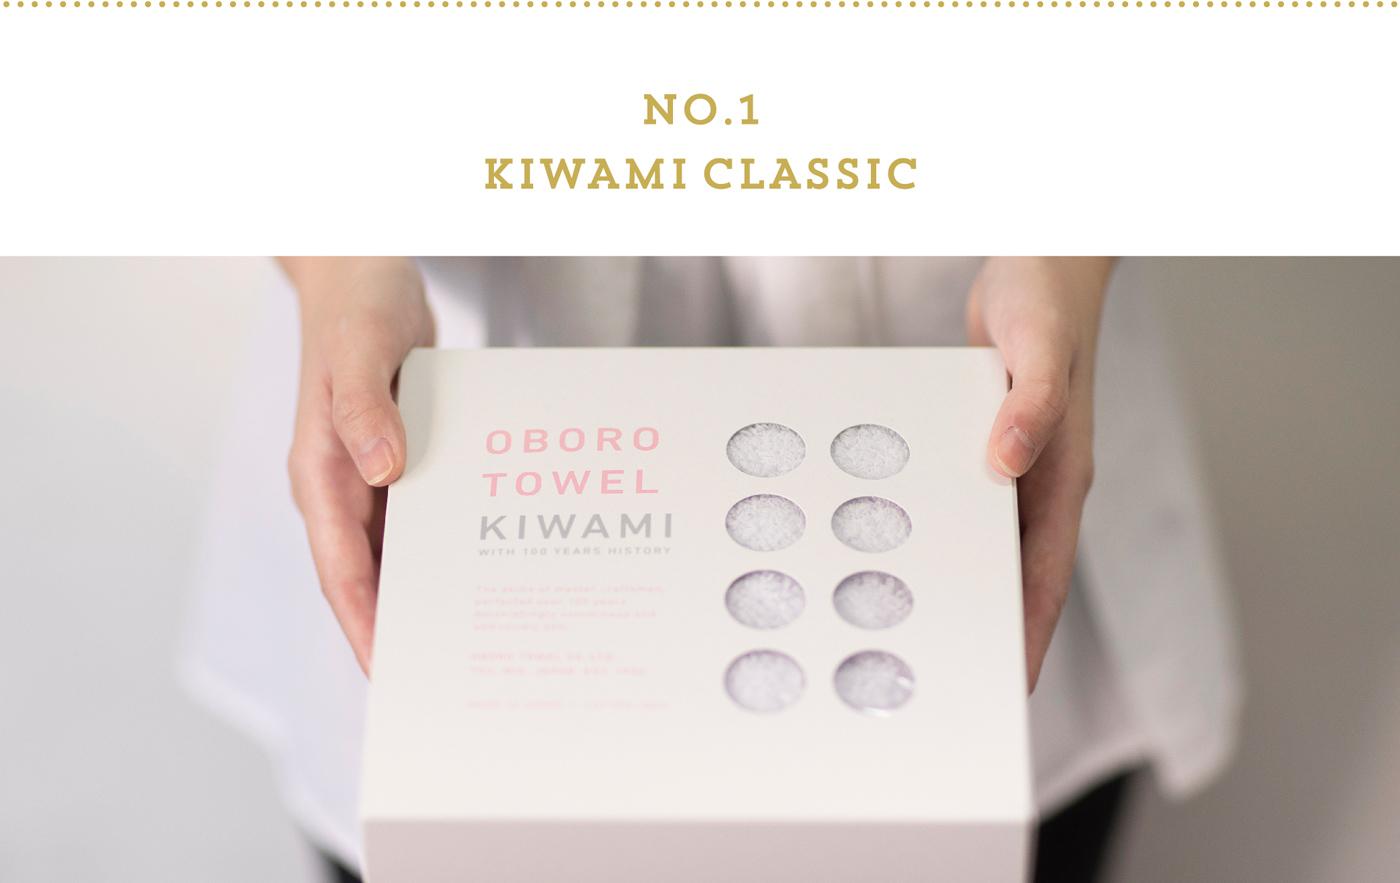 KIWAMI CLASSIC